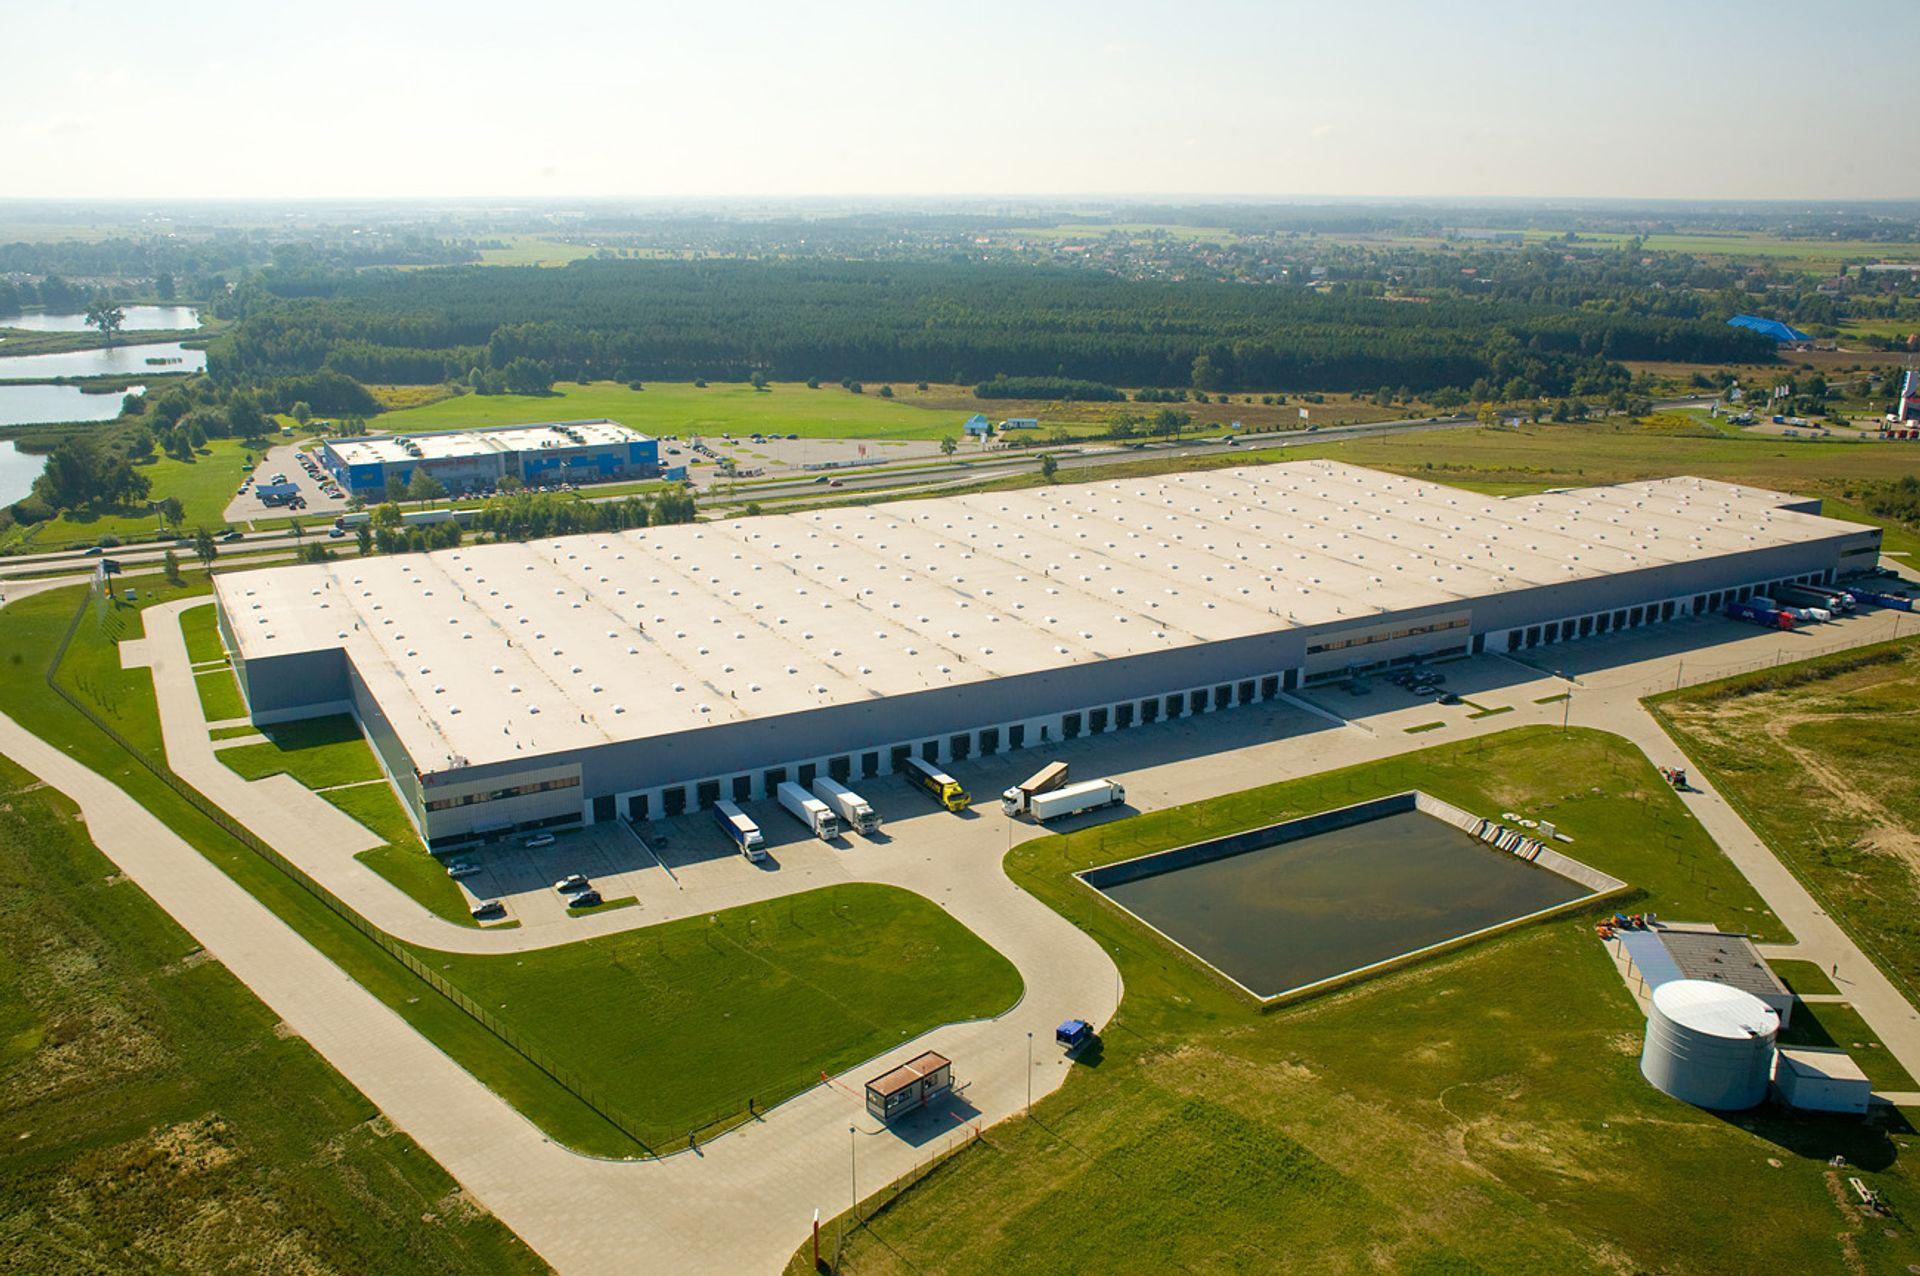 [Warszawa] Okolice Warszawy – największy hub logistyczny w Polsce i Europie Środkowo-Wschodniej